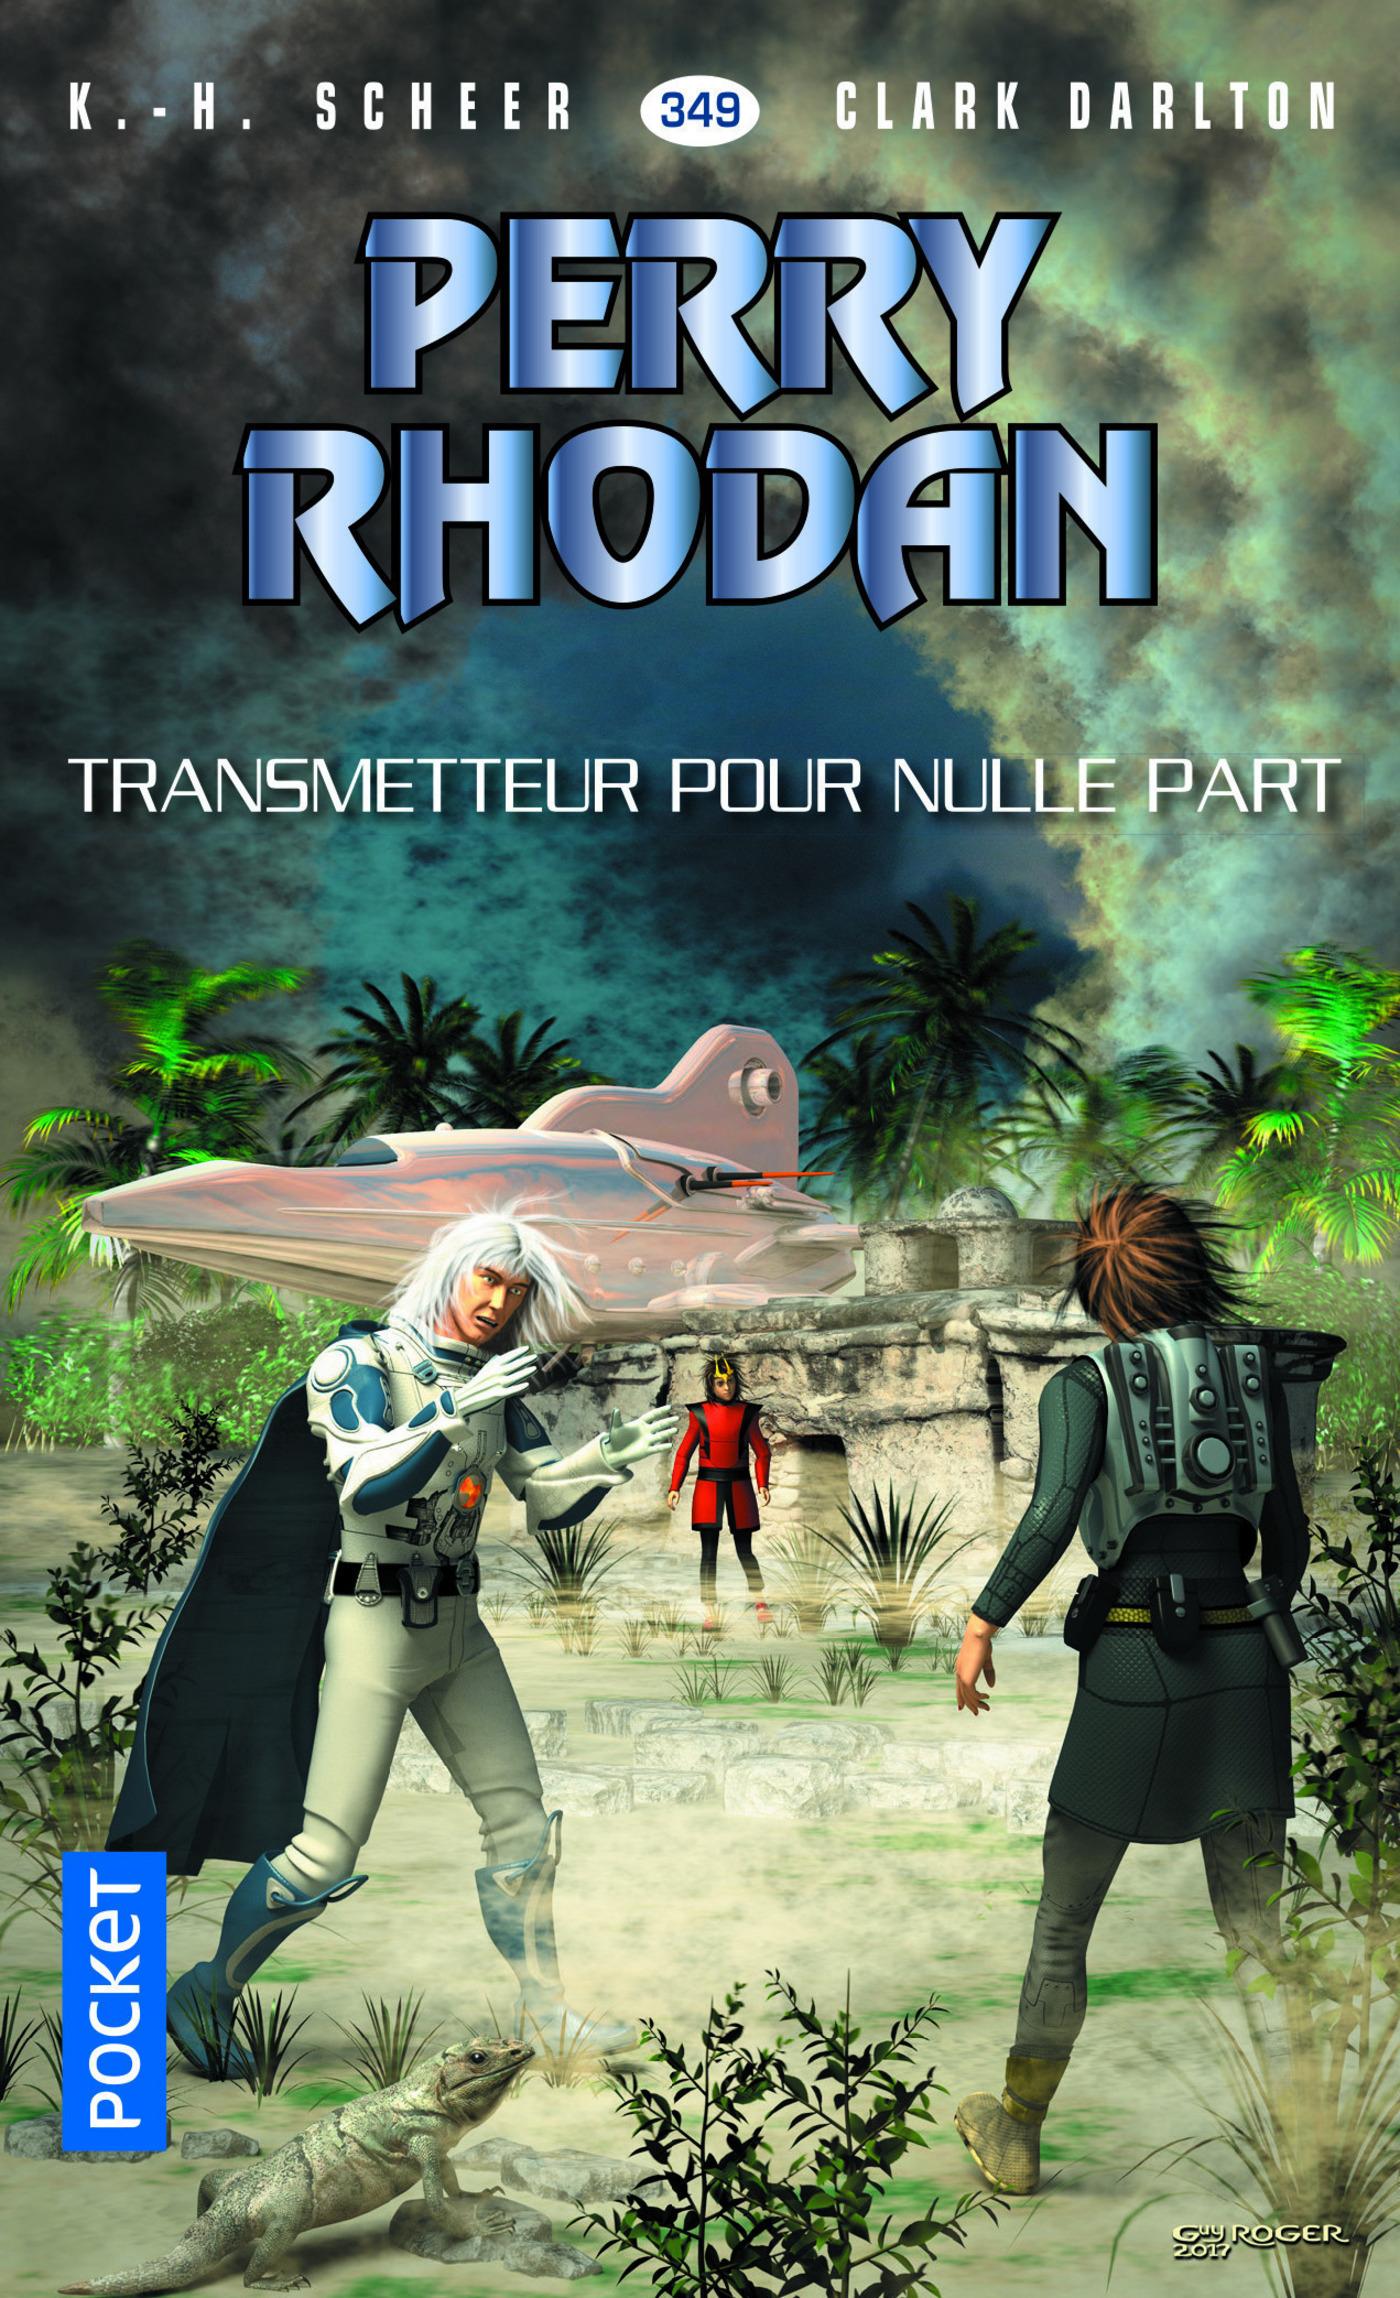 Perry Rhodan n°349 - Transmetteur pour nulle part